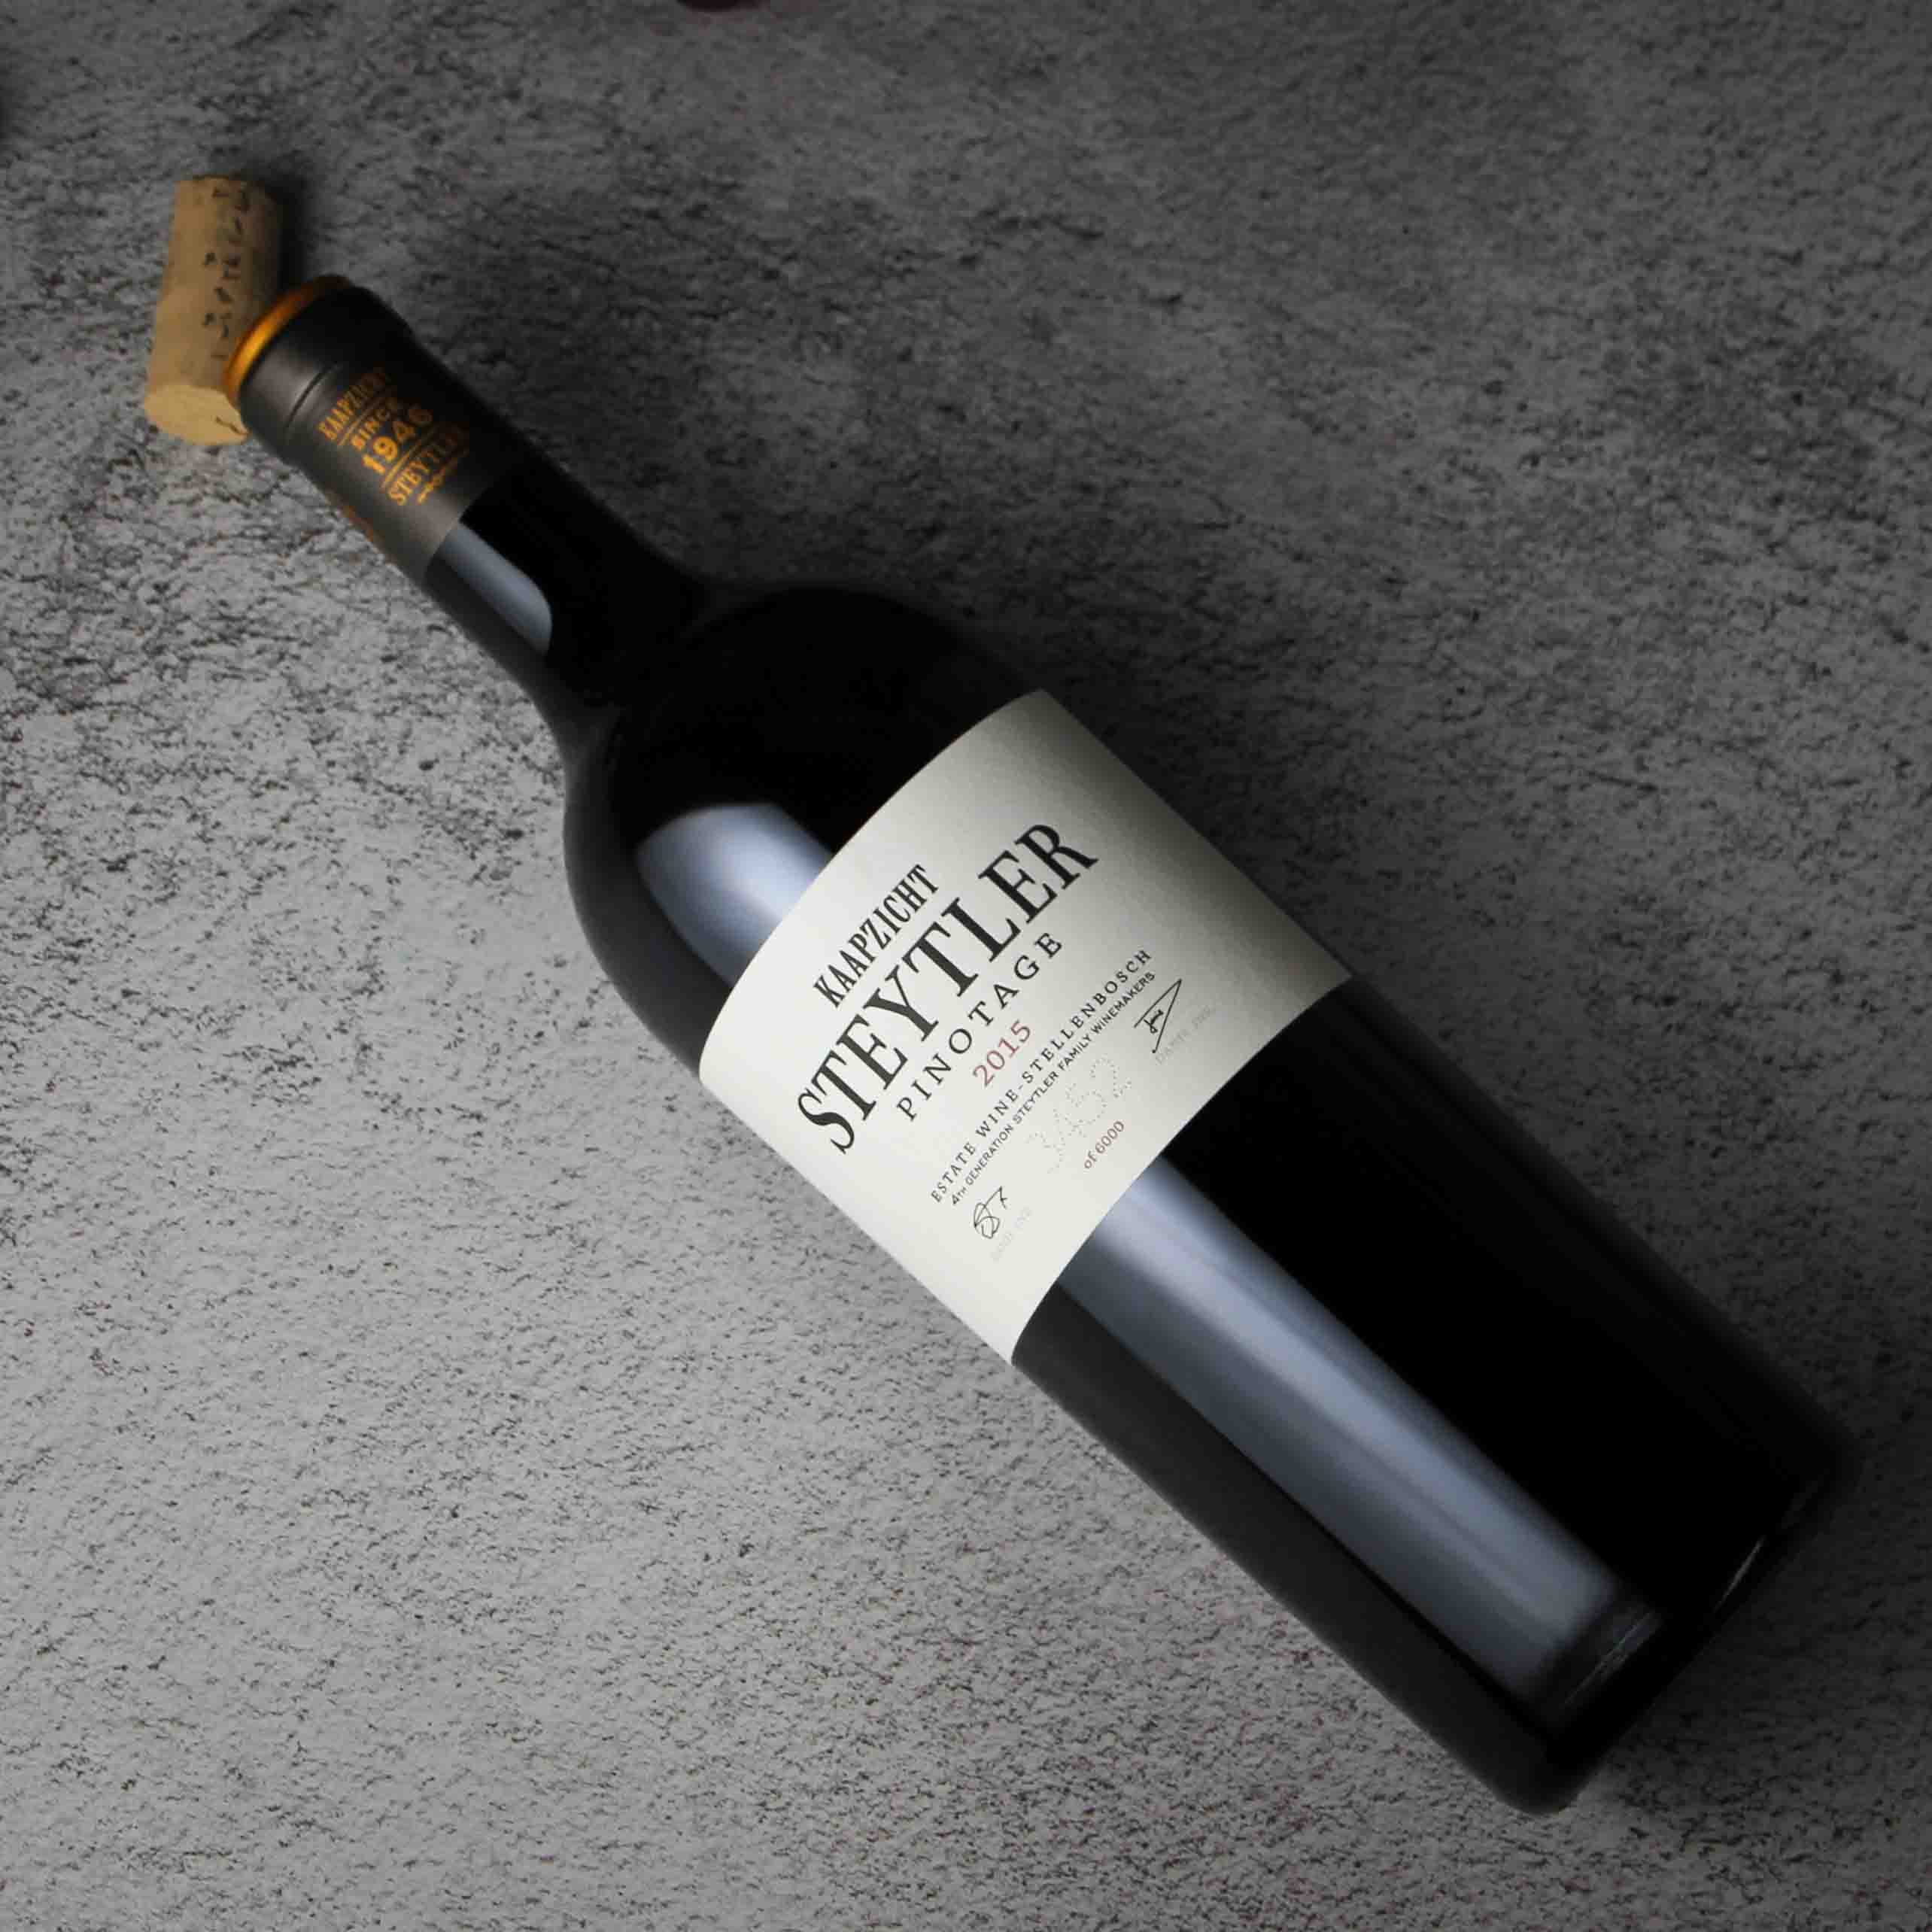 南非斯泰伦博斯斯戴特勒品乐塔吉红葡萄酒红酒(限量版-6000瓶)